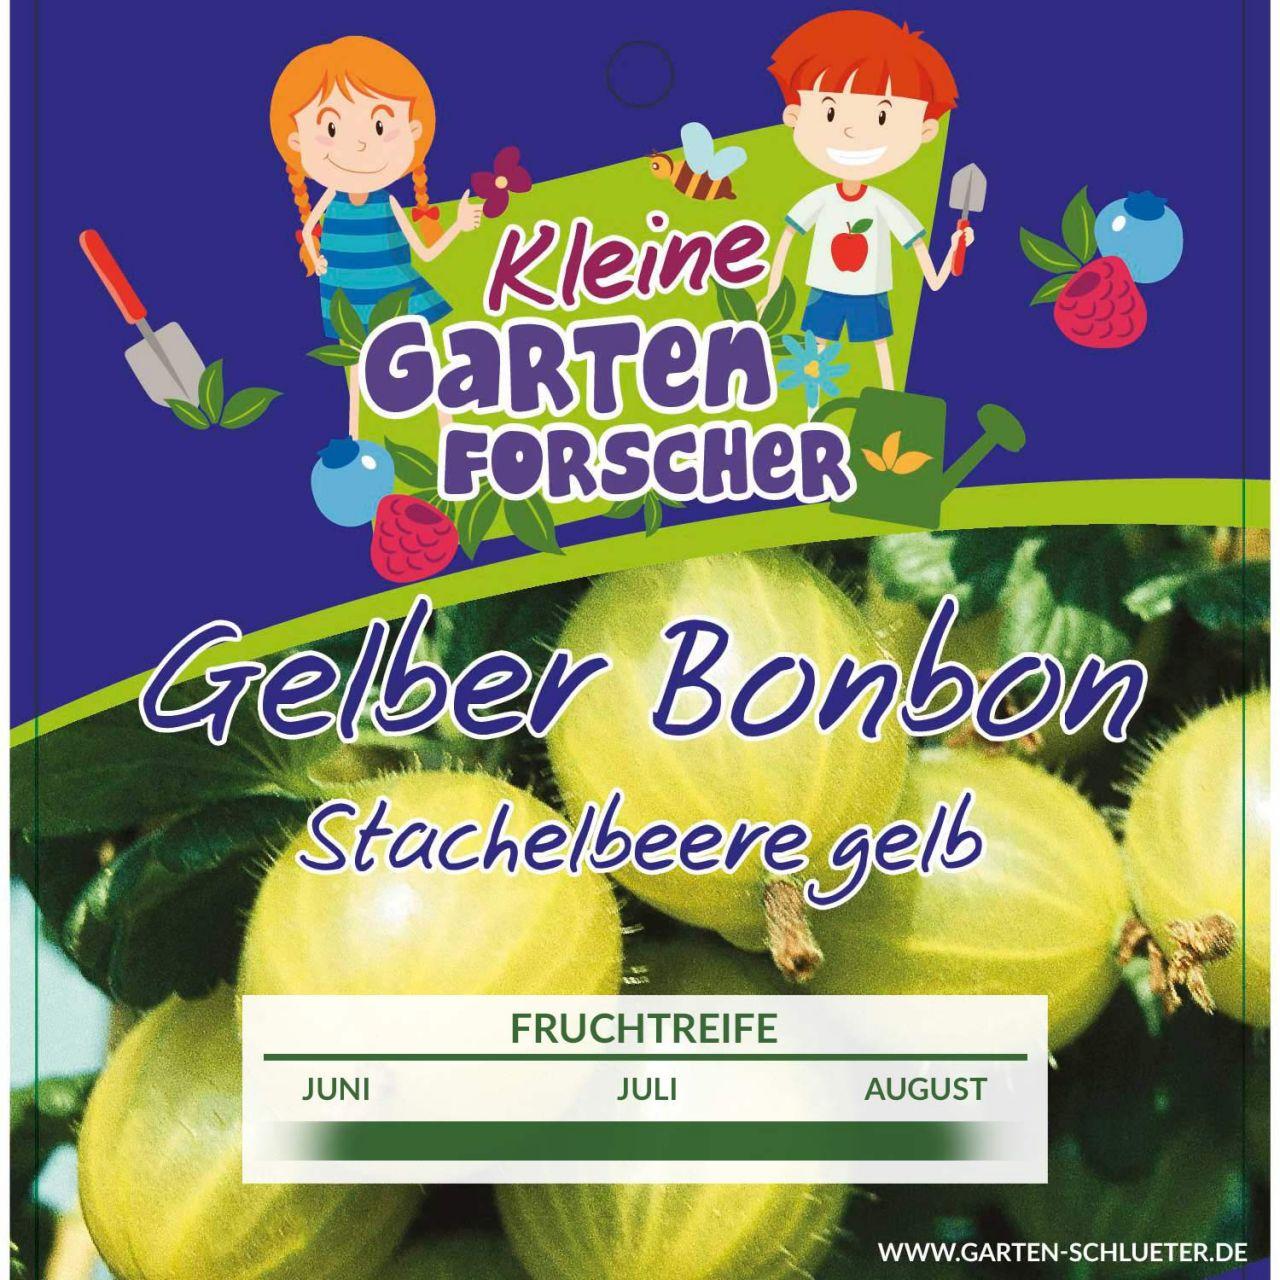 Gelbe Stachelbeere 'Gelber Bonbon' - Kleine Gartenforscher